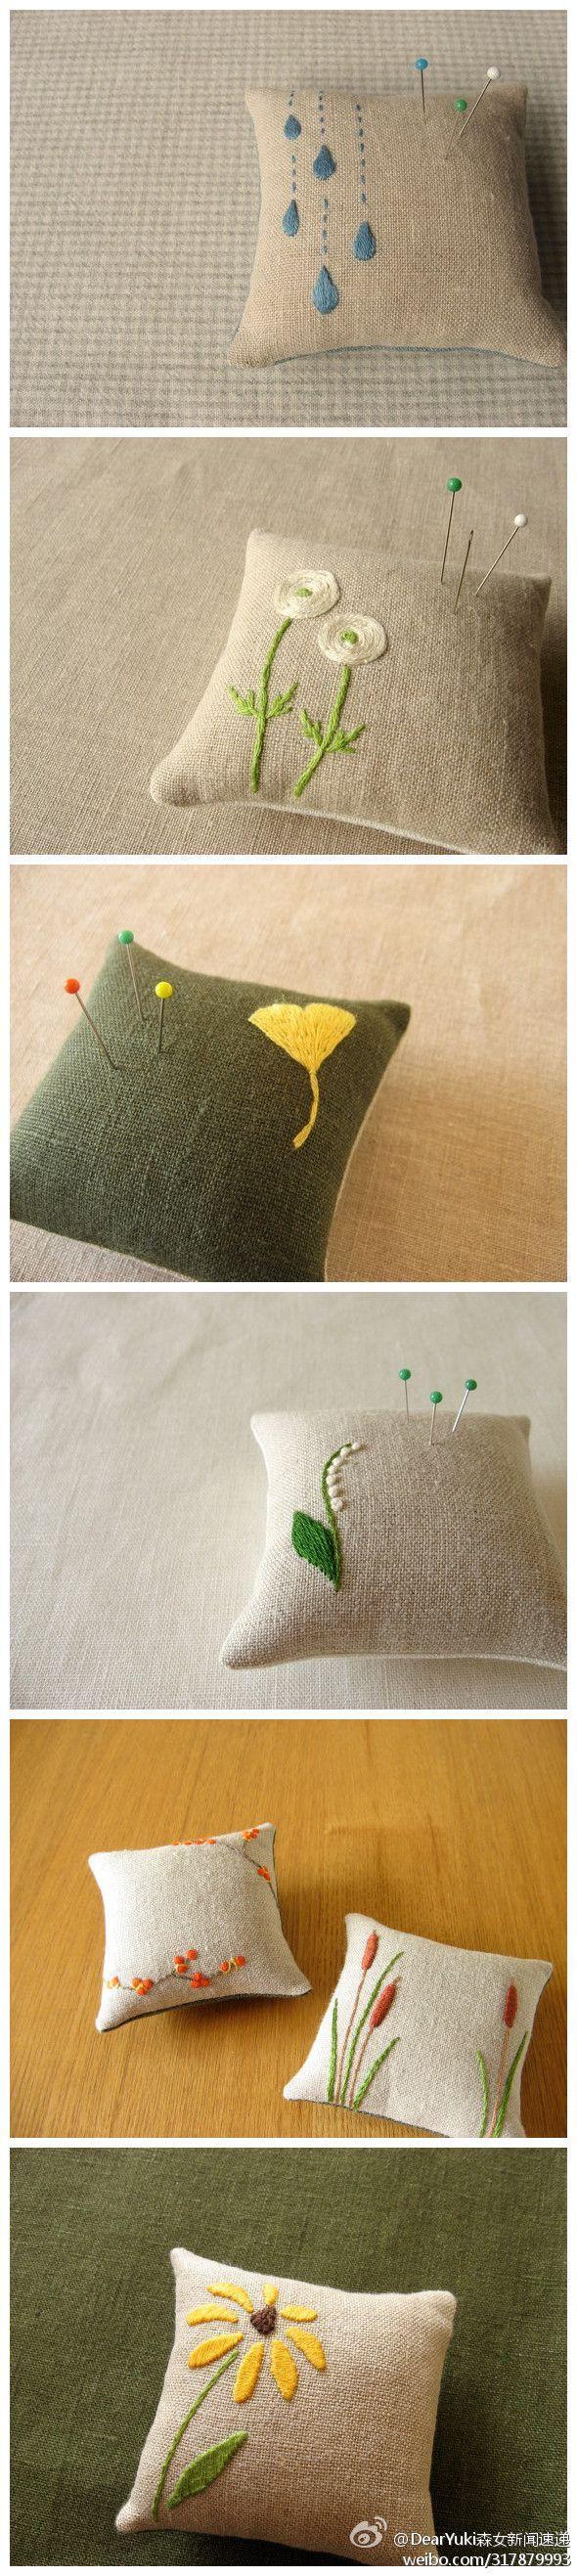 纯净的植物……_来自清风爱林的图片分享-堆糖网 | embroidered pincushions Since my Japenese is limited, I'll just use the pictures for inspiration.